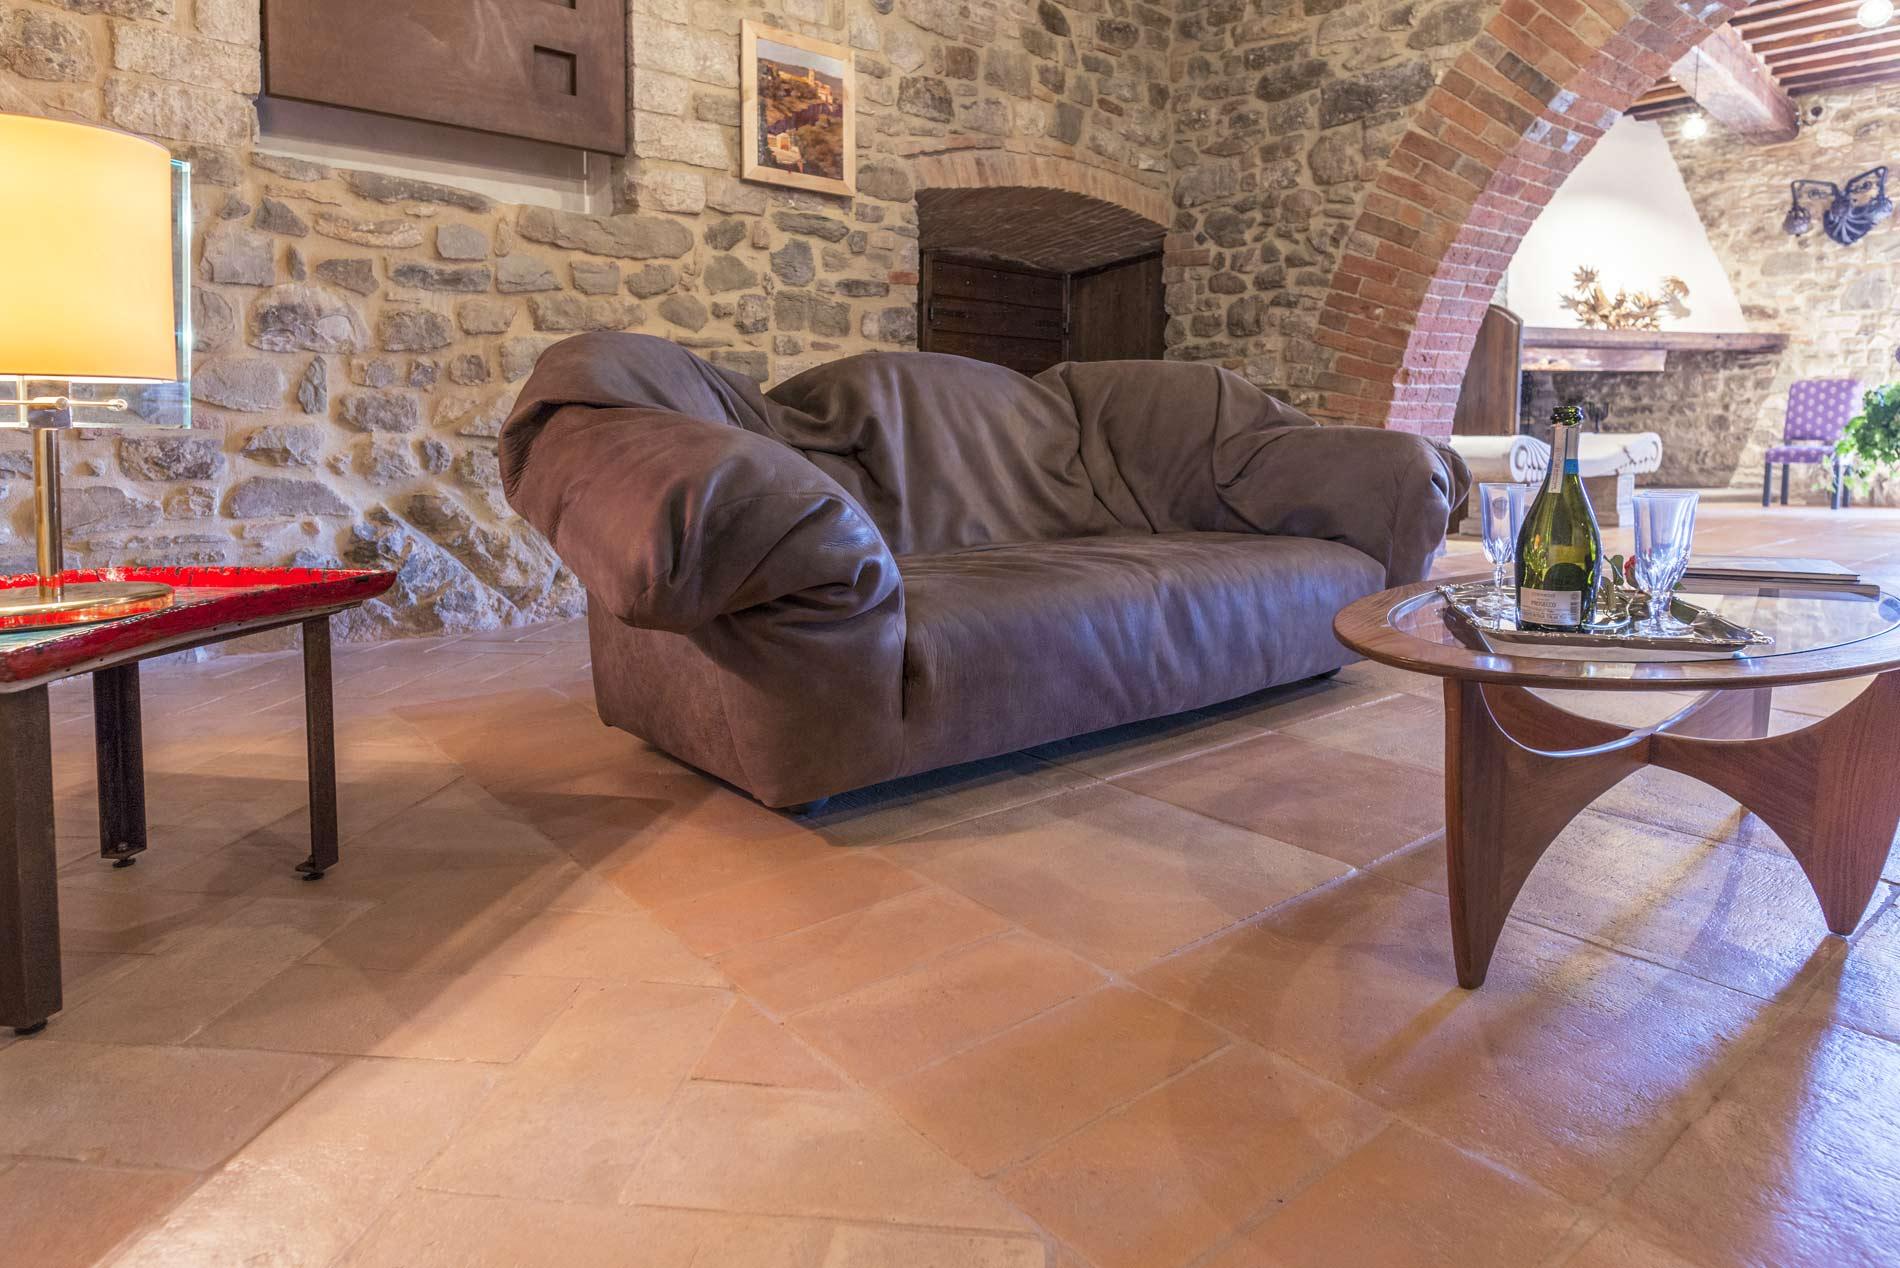 Pavimenti In Cotto Immagini : Pavimenti in cotto per interni il mattone per interni in cotto